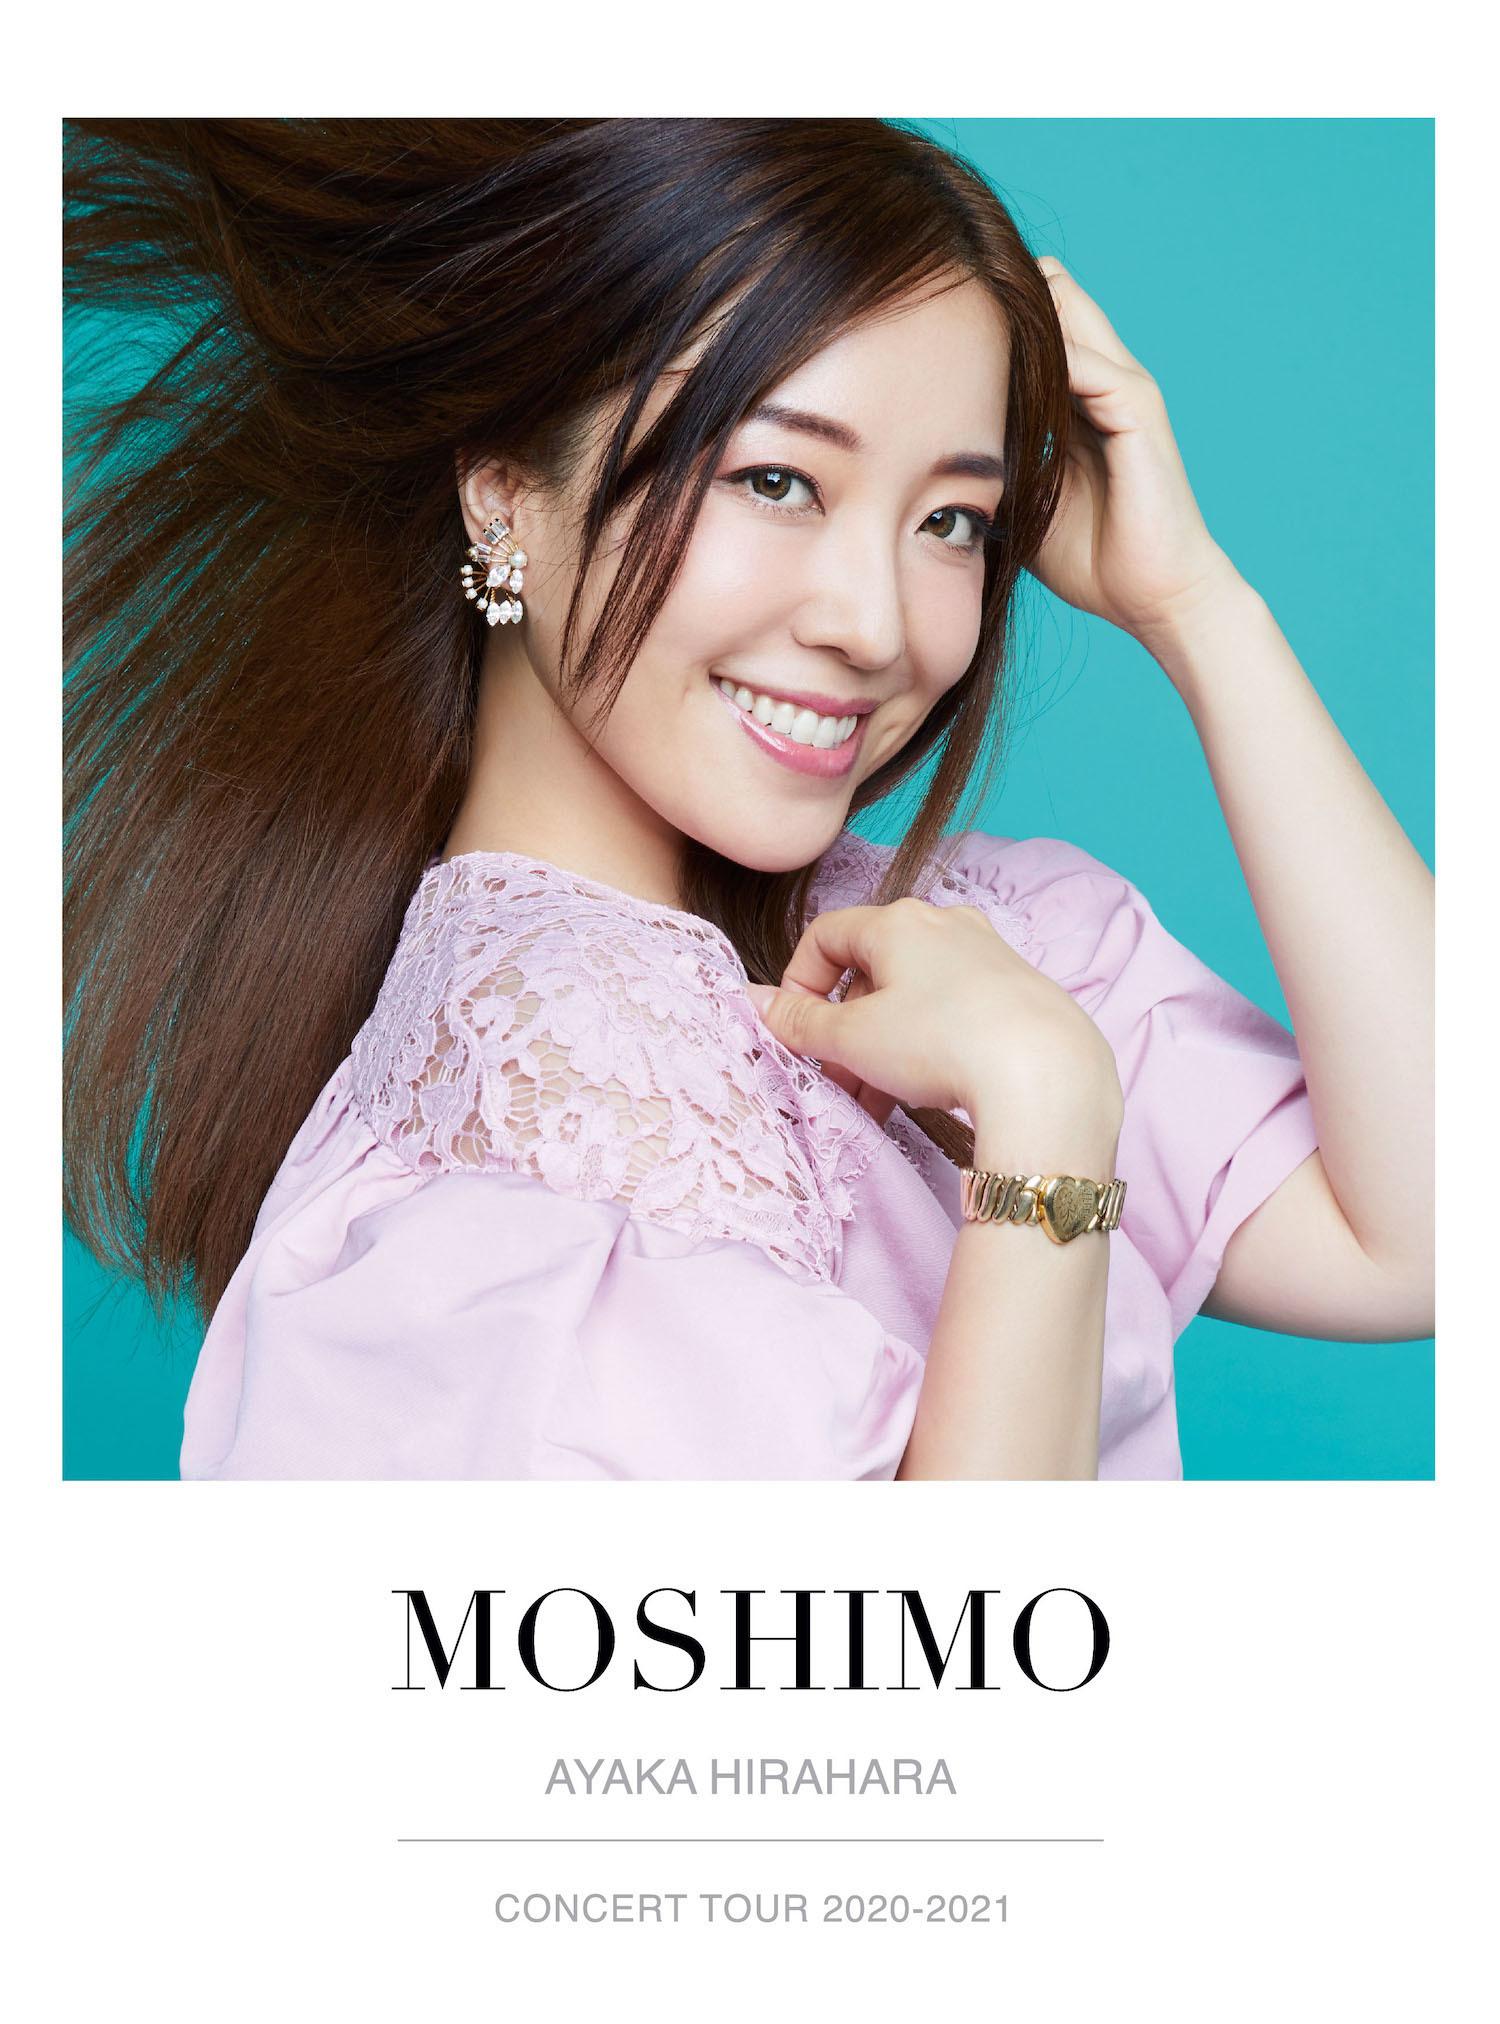 【MOSHIMO ツアーグッズ】ツアーパンフレット